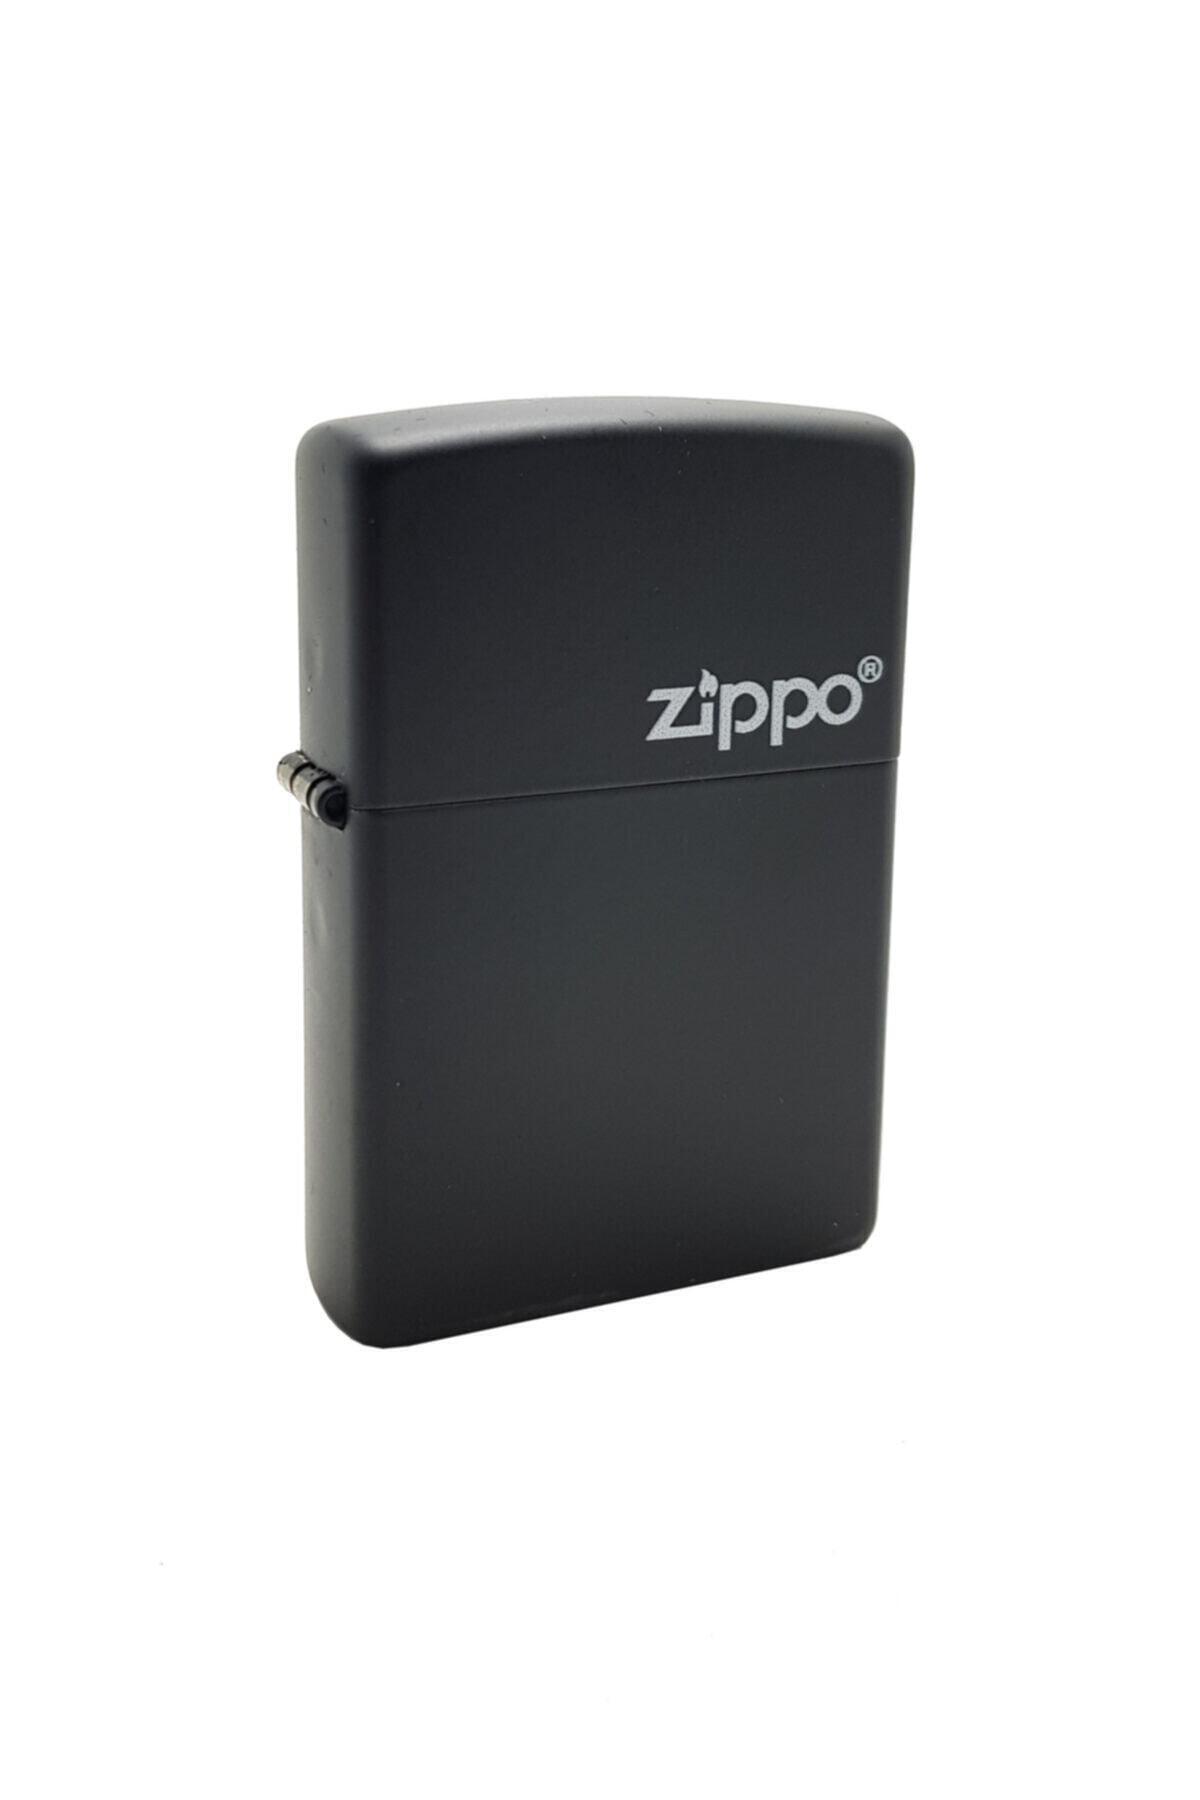 Zippo Çakmak Mat Siyah Üzeri Beyaz Logo 218-067533 1